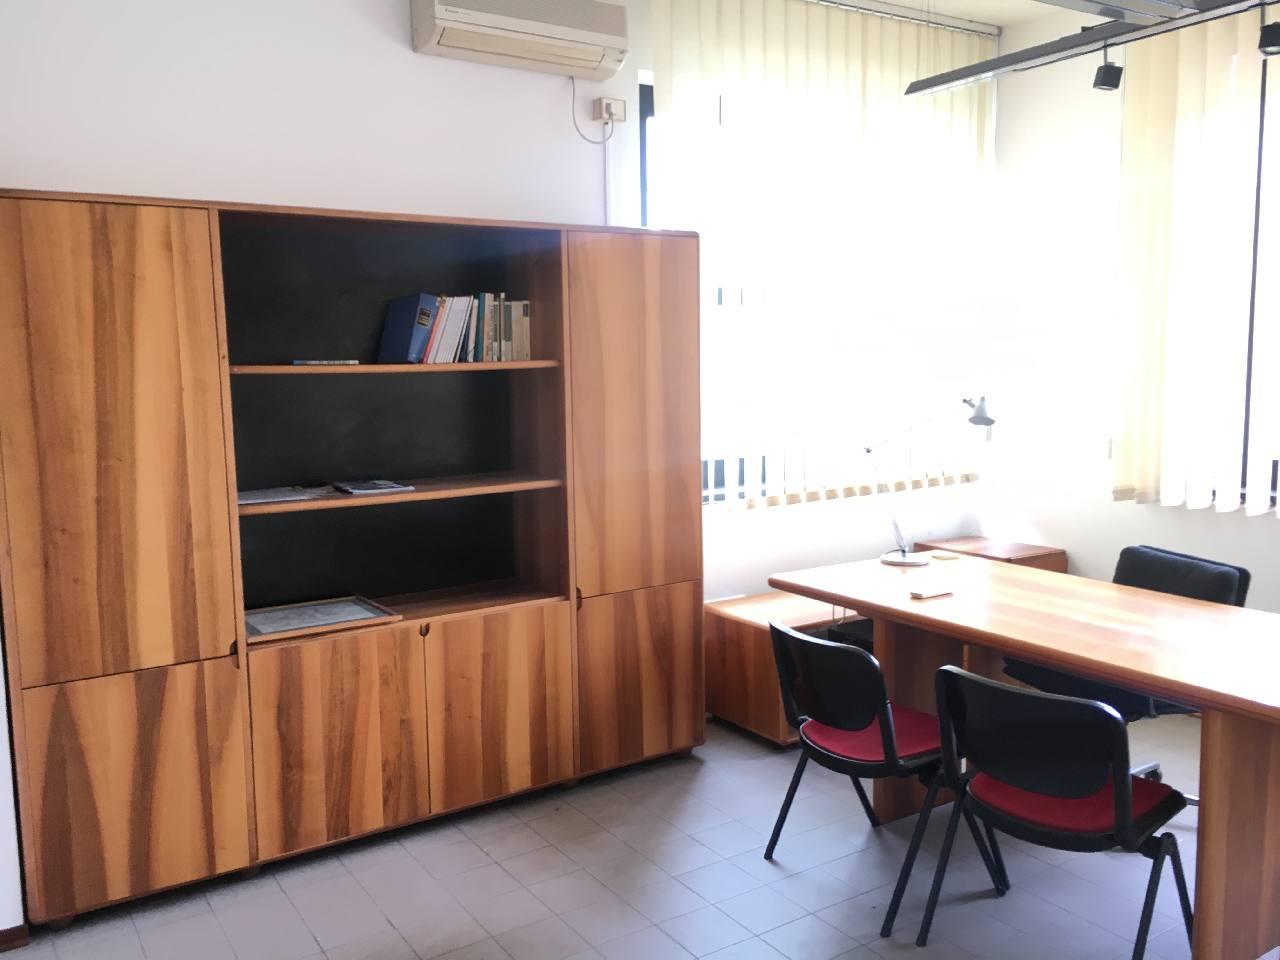 Metri Quadri Minimi Ufficio : Ufficio vendita sasso marconi rif. sbc094 boschi agenzia